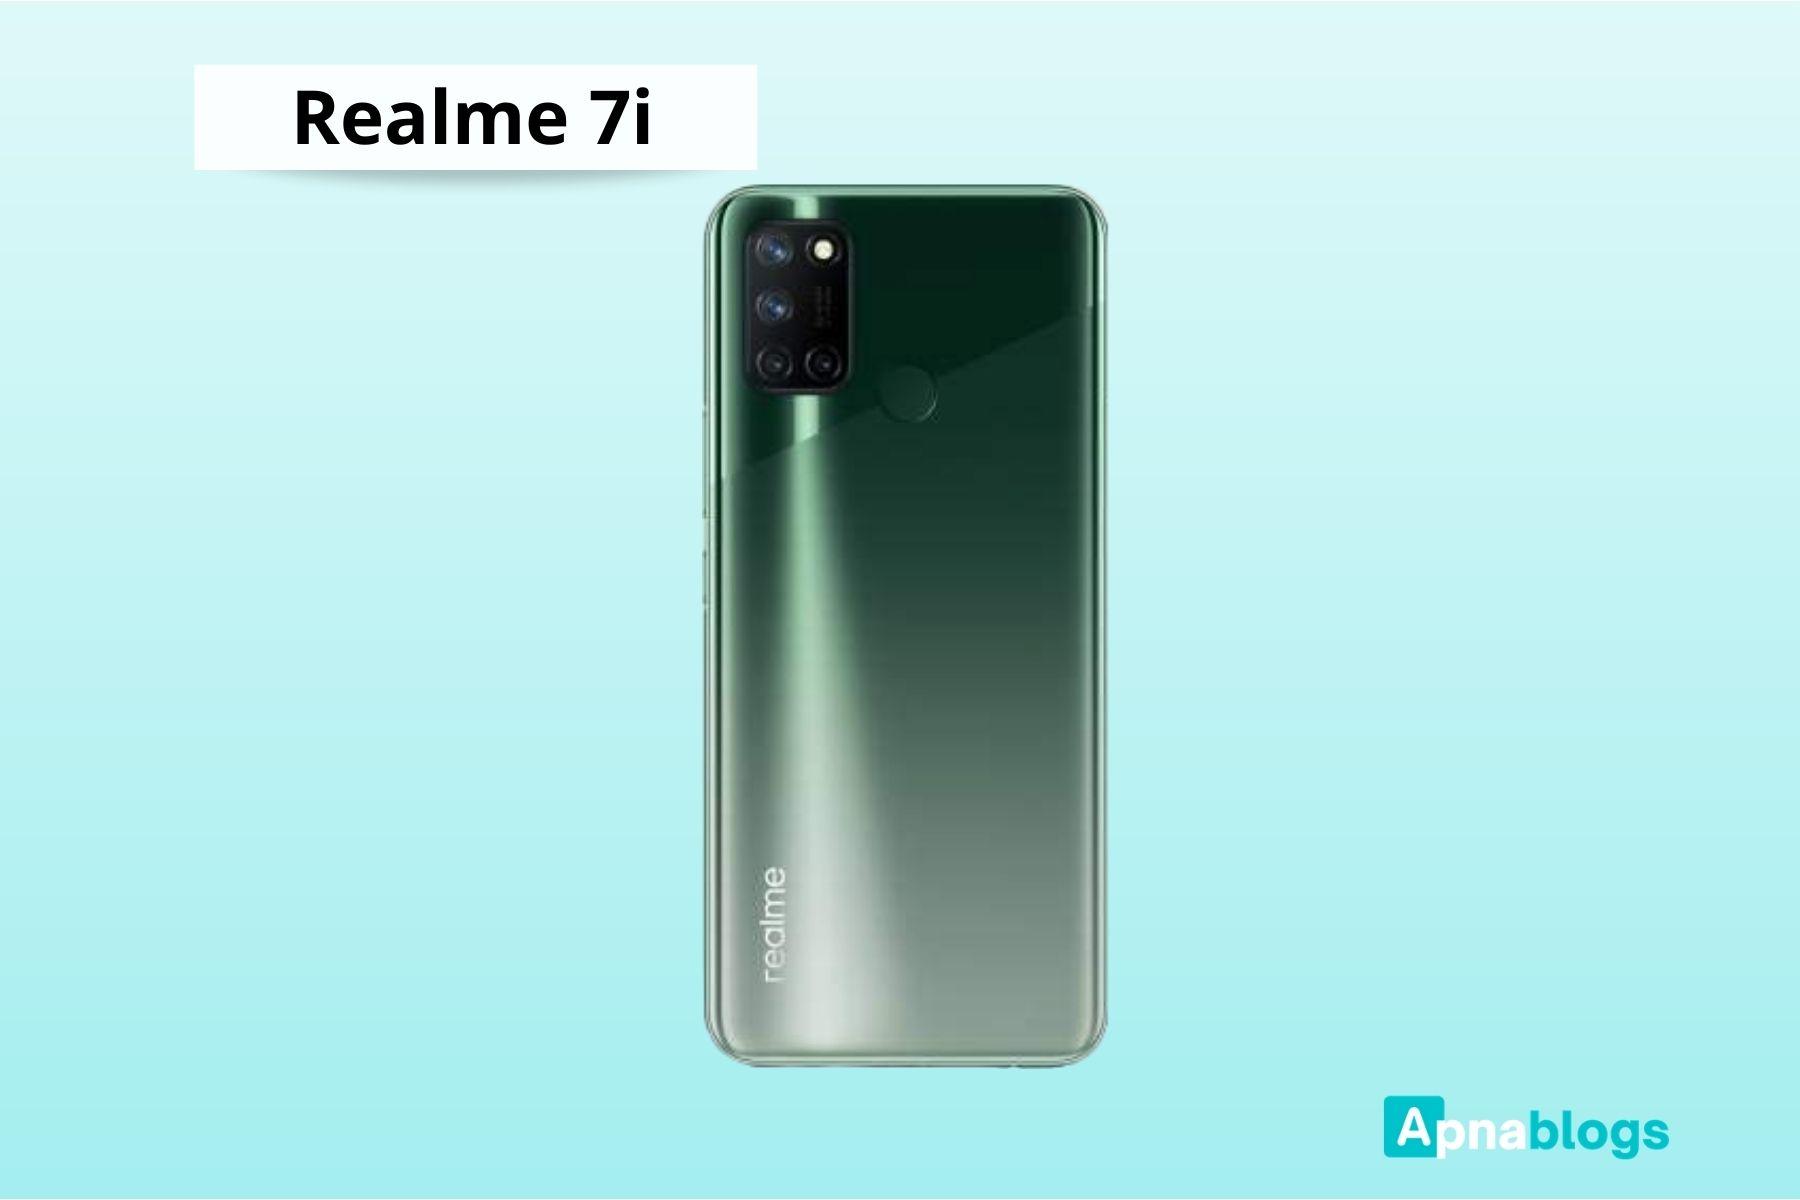 Realme 7i